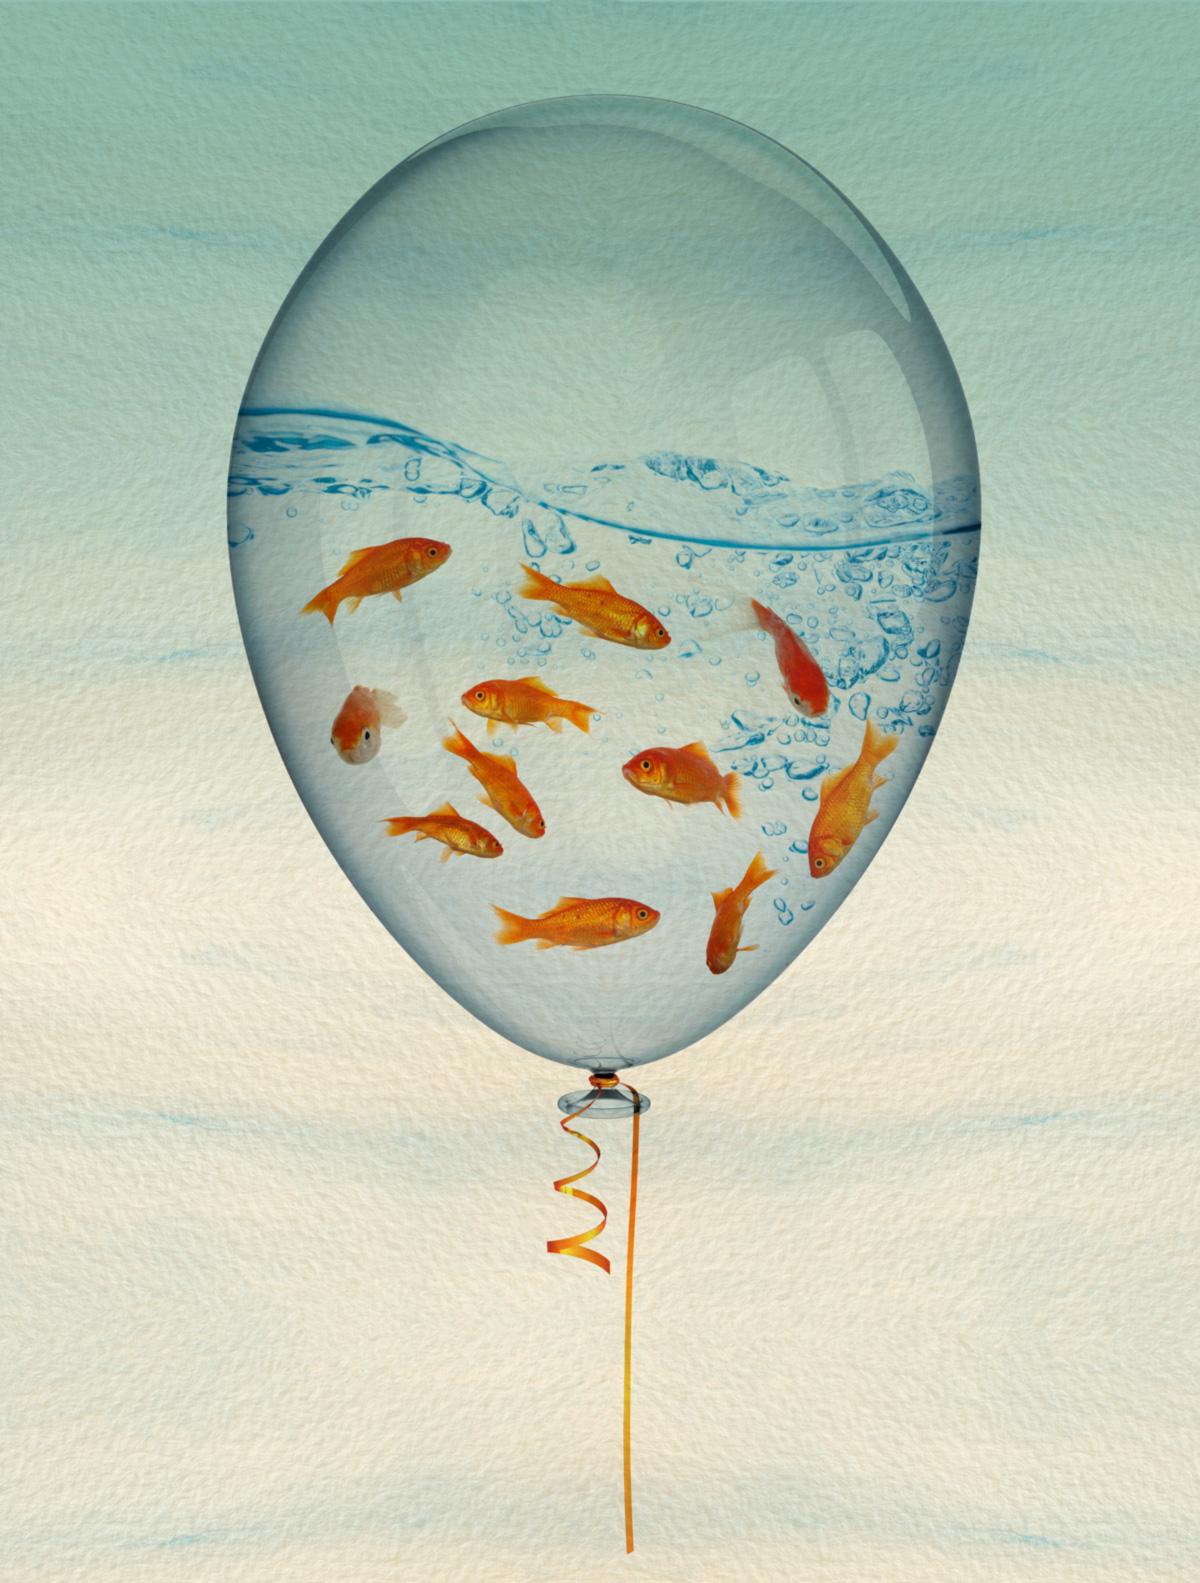 As crianças alimentariam os peixes. Os peixes trariam buena onda para a casa. O barulhinho da água disfarçaria o som da rua. A mulher do <i>feng shui</i> vibrou com a ideia do espelho d'água